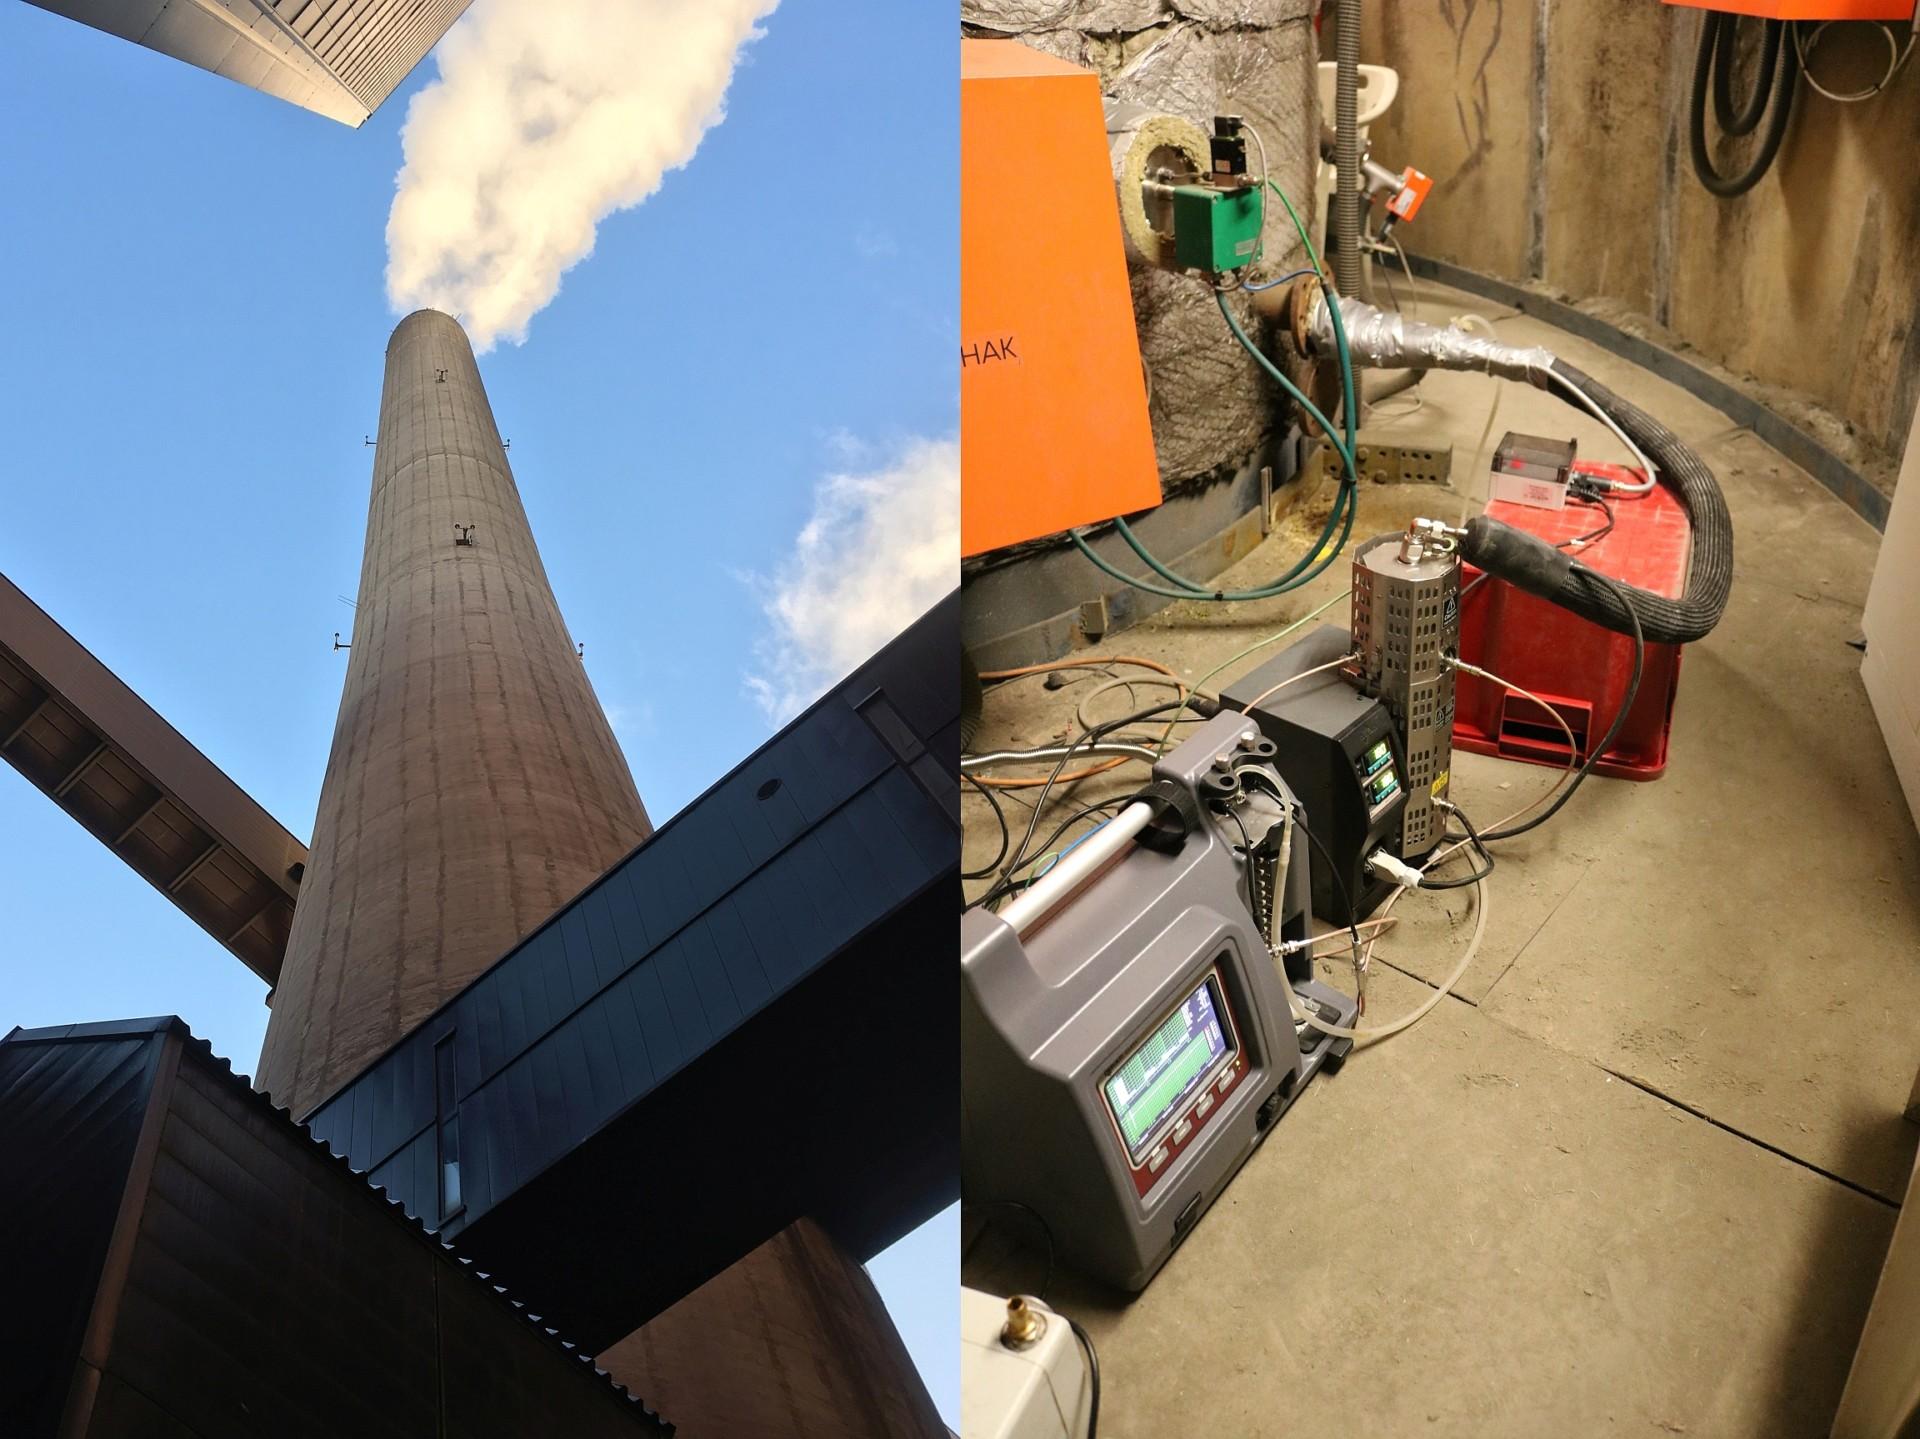 Emission measurement system